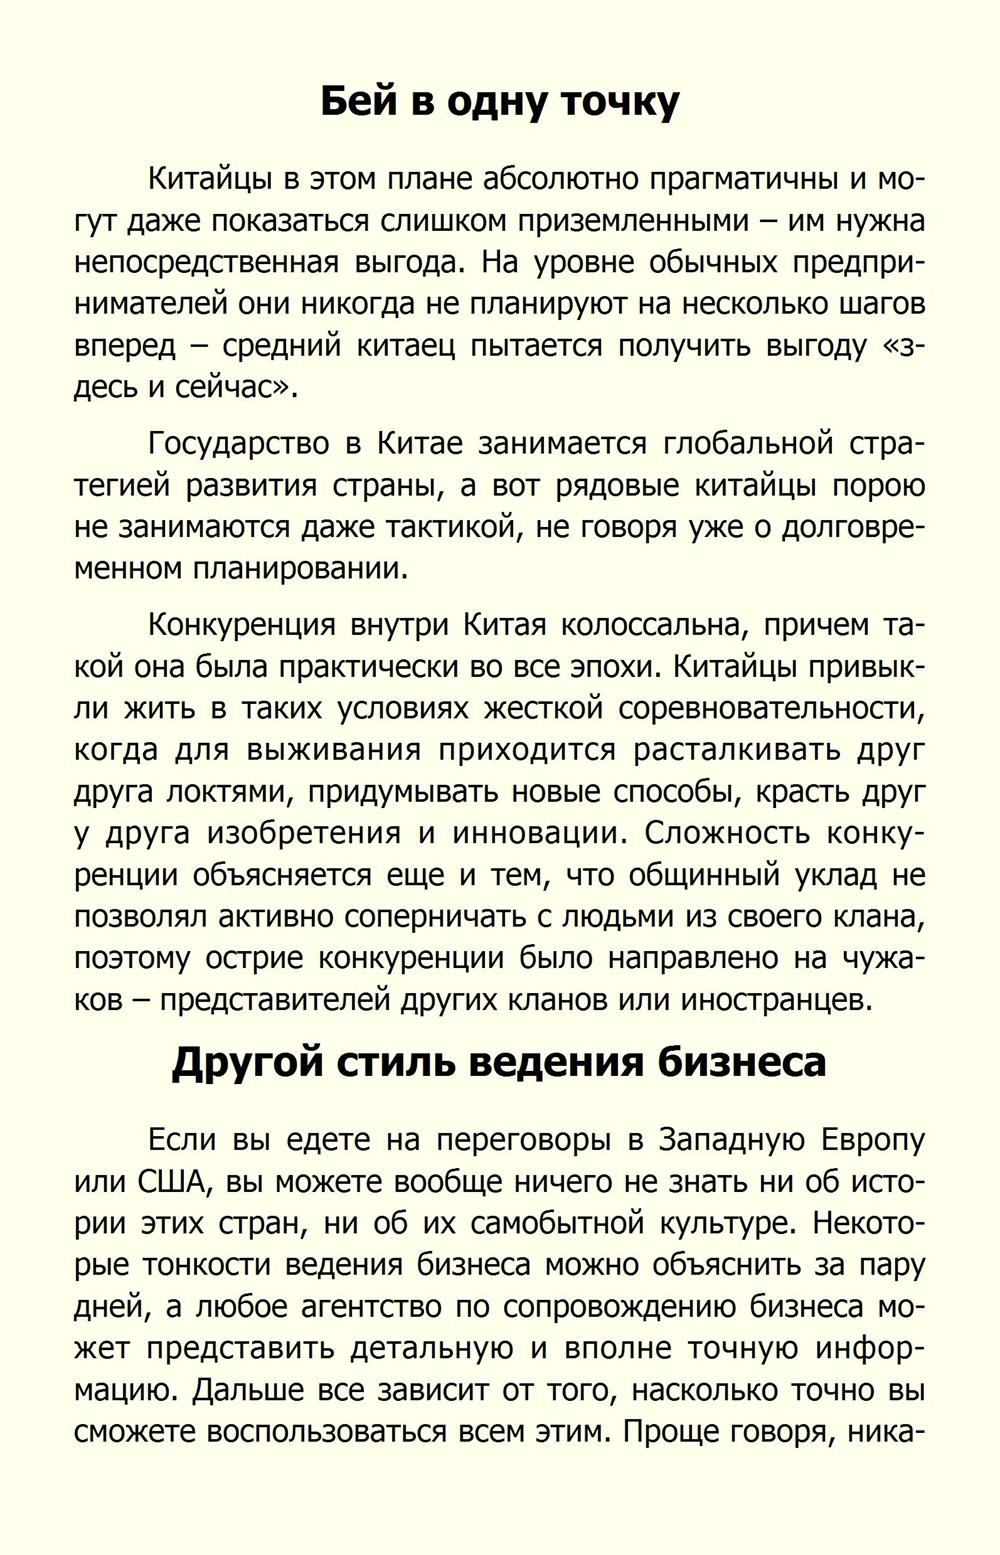 http://ipic.su/img/img7/fs/Maslov-Kitajbezvranya_061.1580730640.jpg